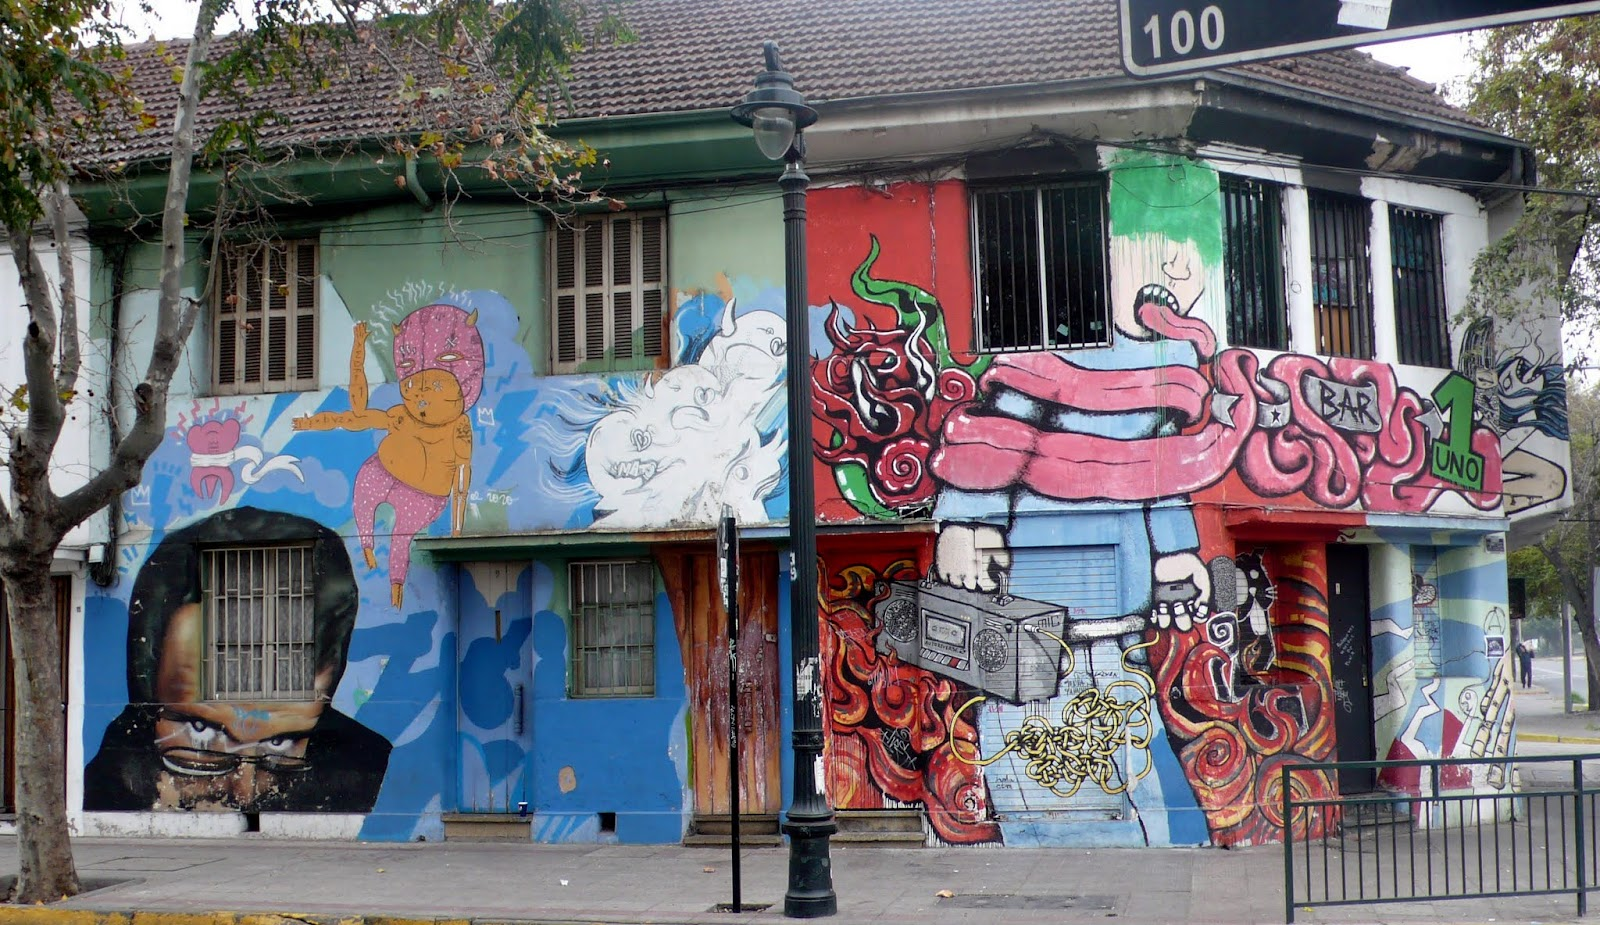 Make It Happen >> Uulitsakunst - Street art of Santiago de Chile - Arte Callejero de Santiago de Chile: Street art ...